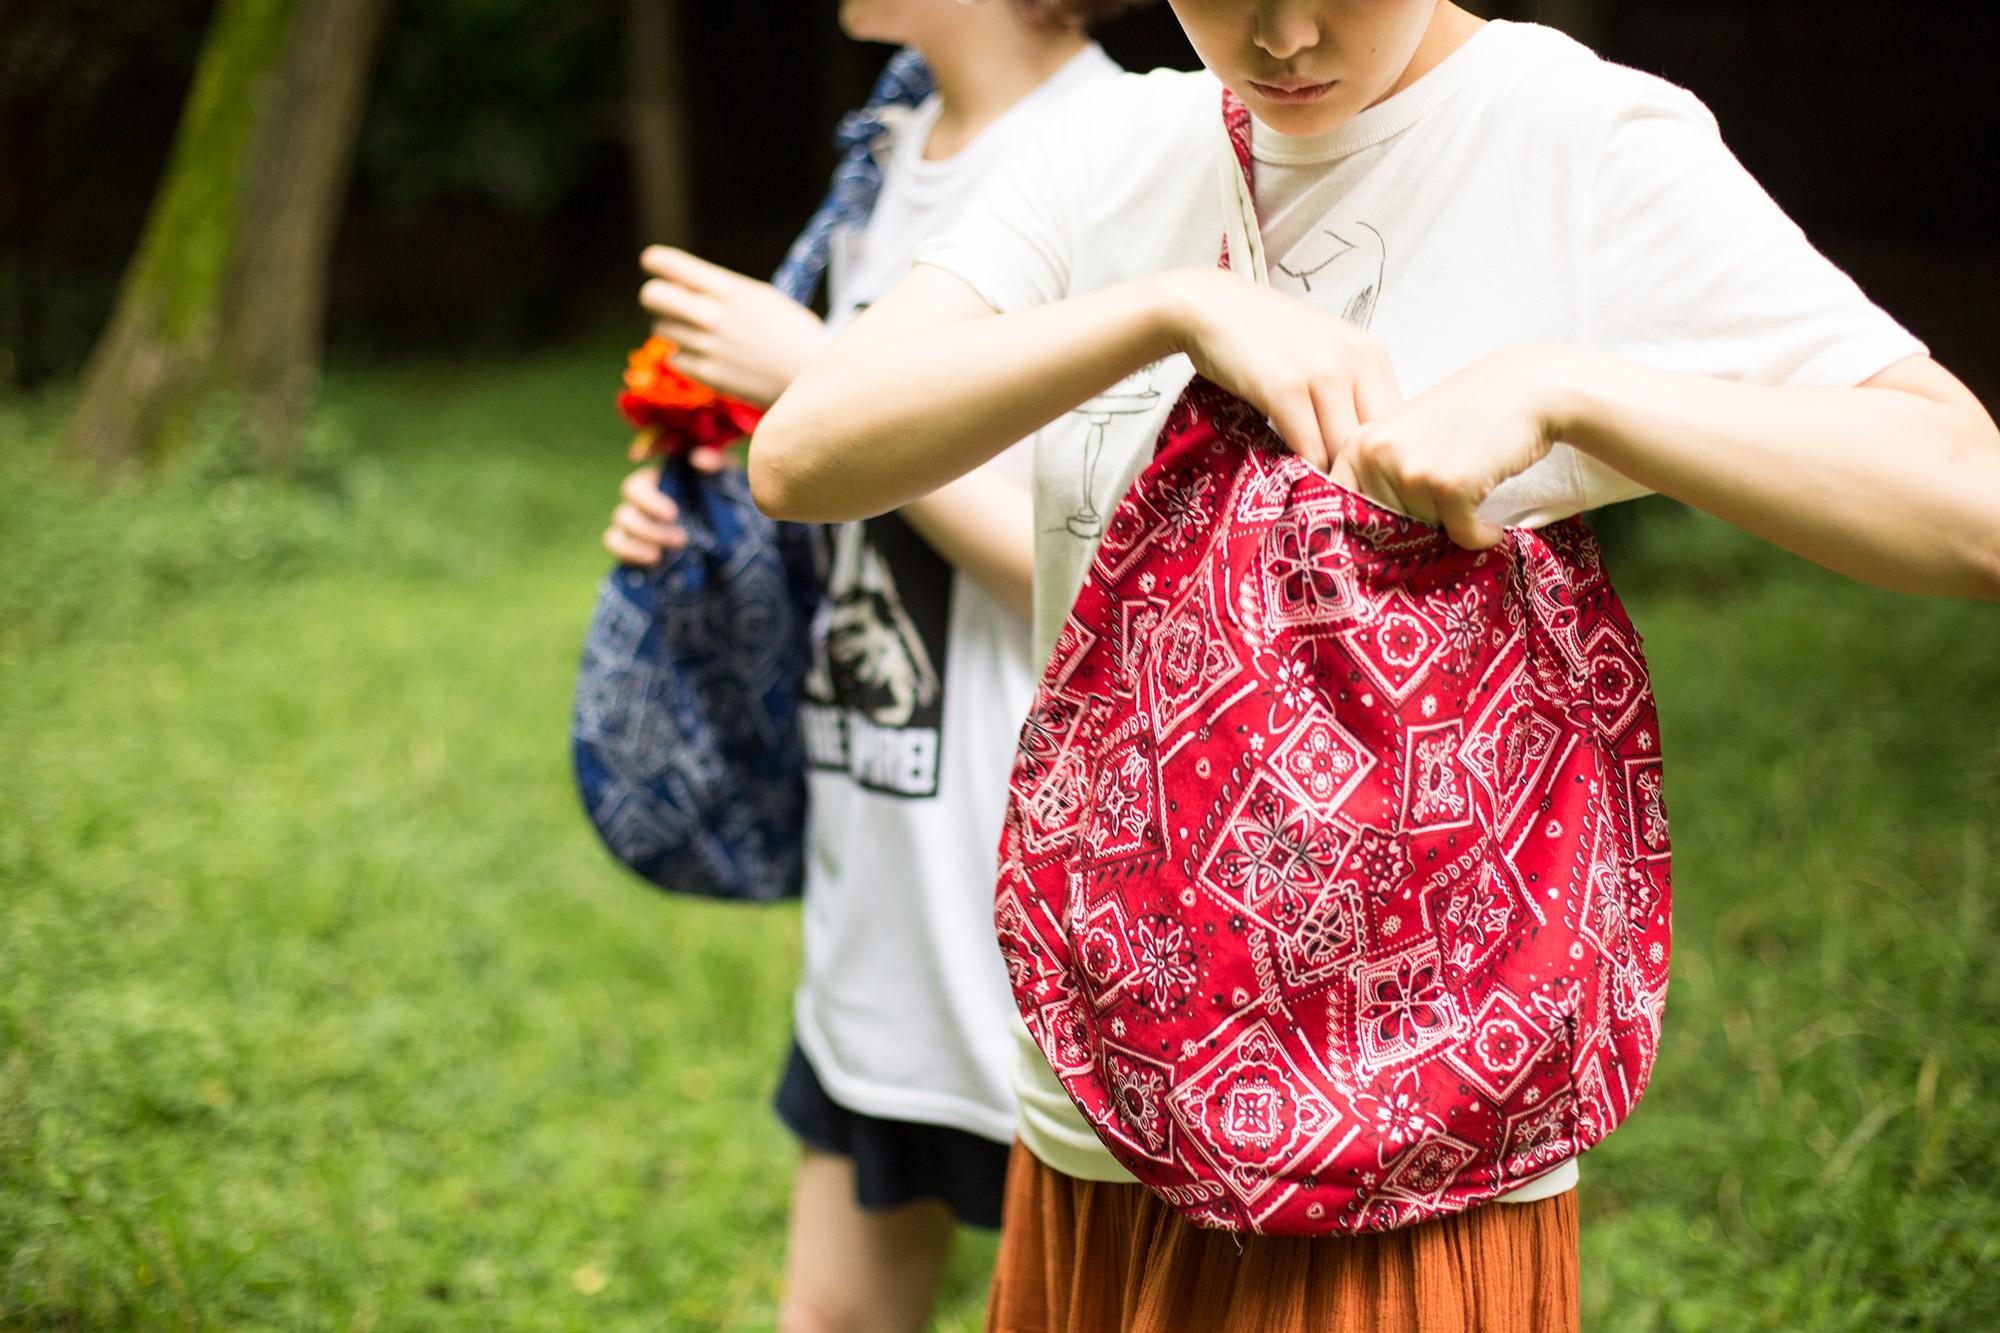 【フェスファッション】フジロックにも着ていきたい!2016年、夏フェスコーデ R7A3884